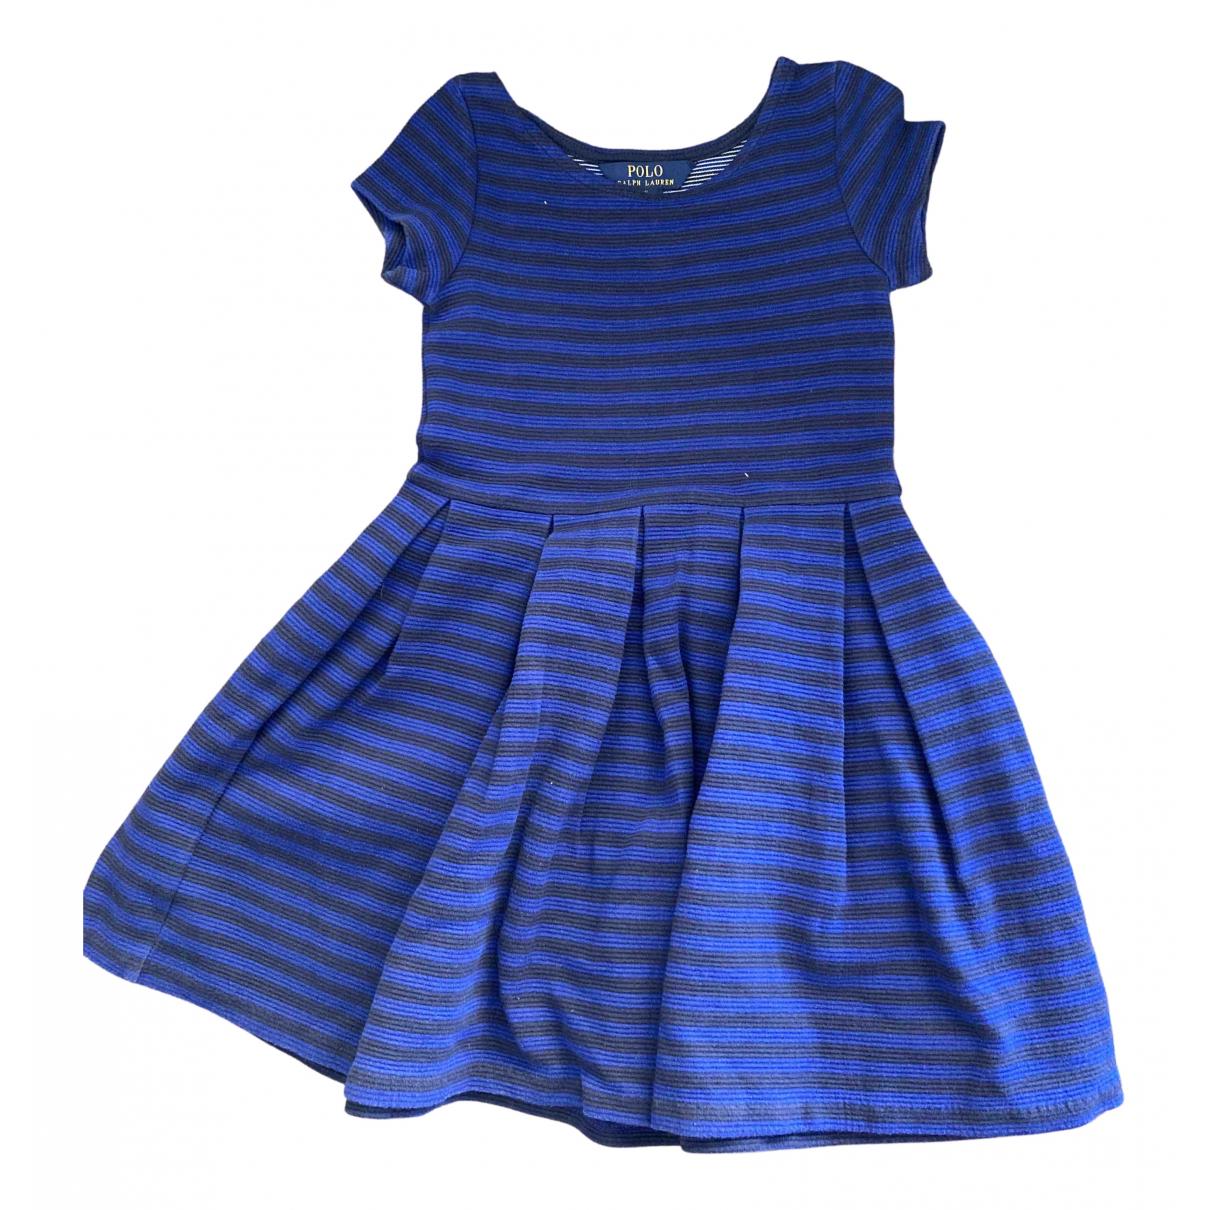 Polo Ralph Lauren \N Kleid in  Bunt Baumwolle - Elasthan